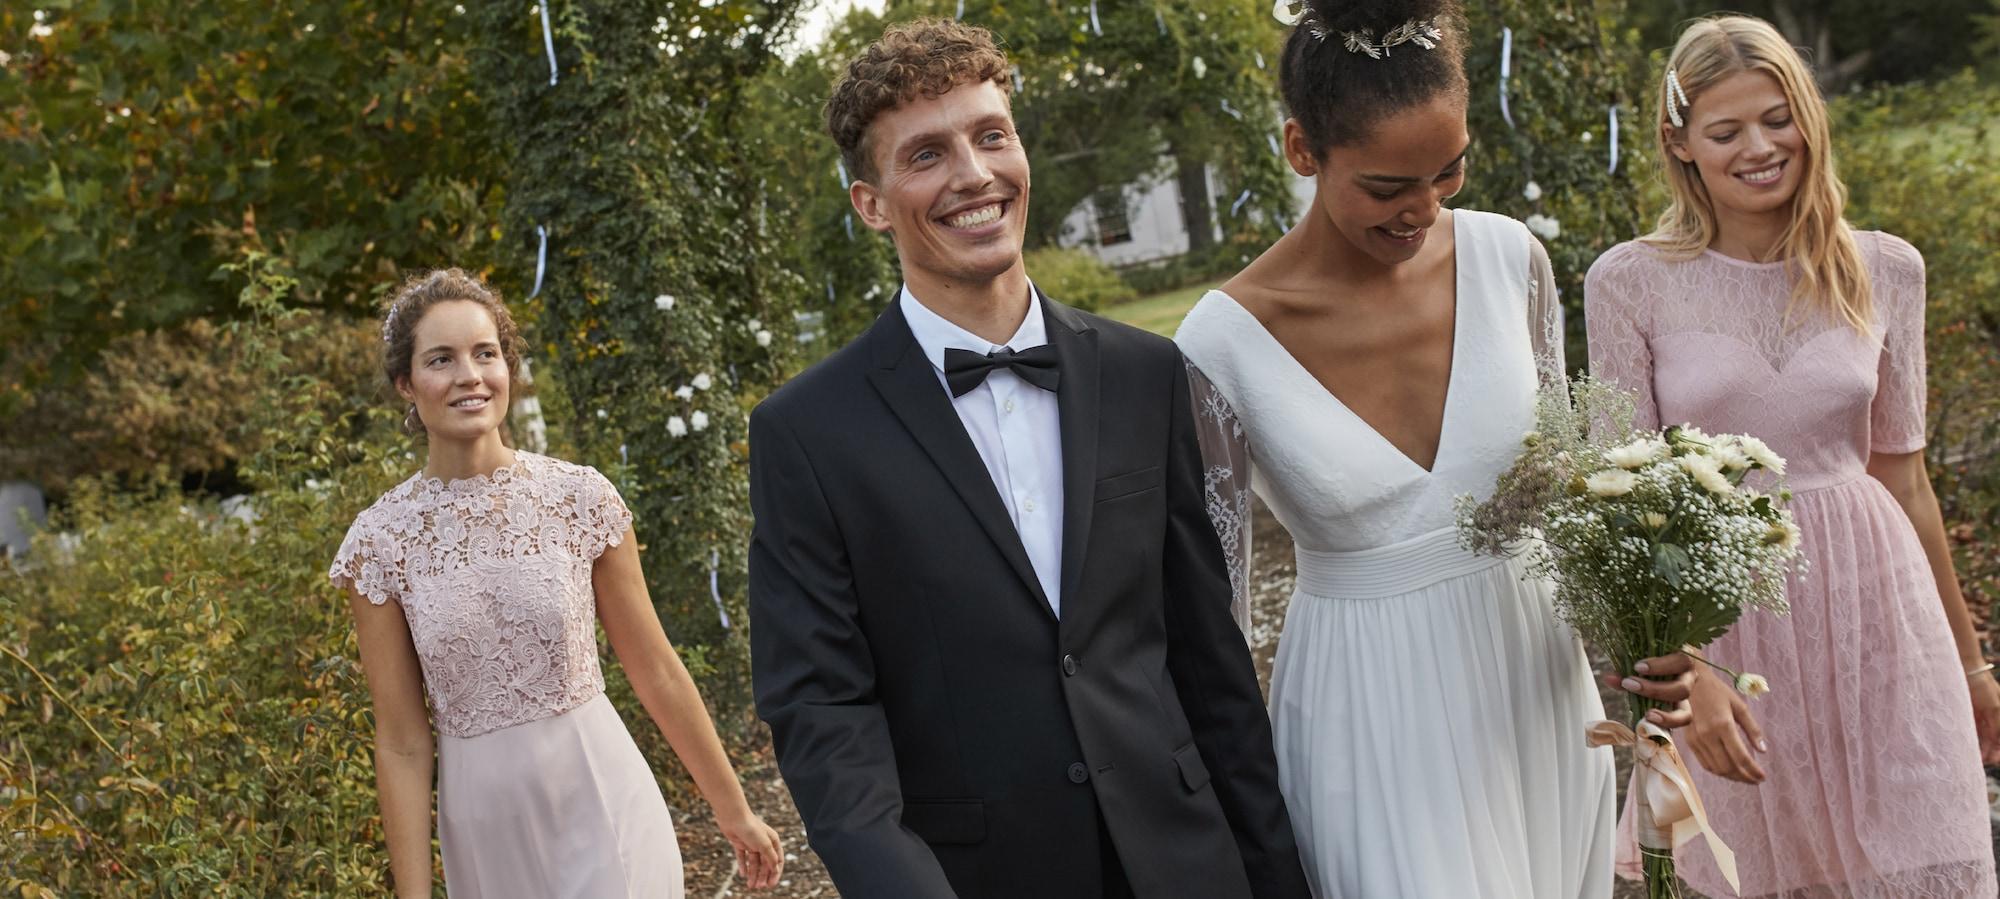 Femeie care cauta nunta Belgia)